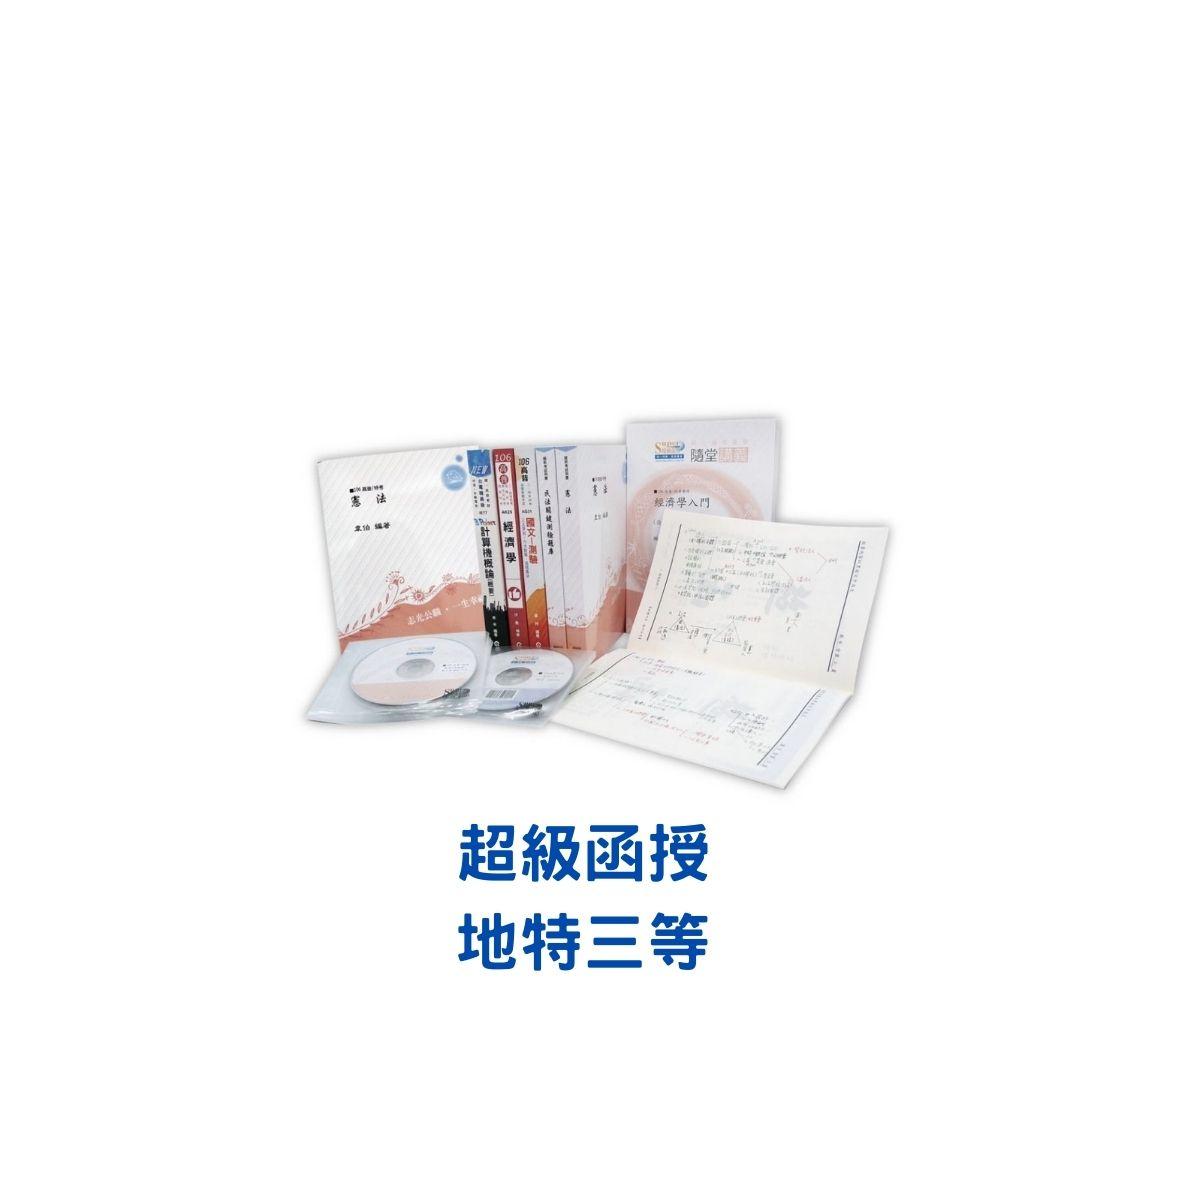 110/超級函授/地方政府特考-三等/觀光行政/年度班/專業科目/雲端函授